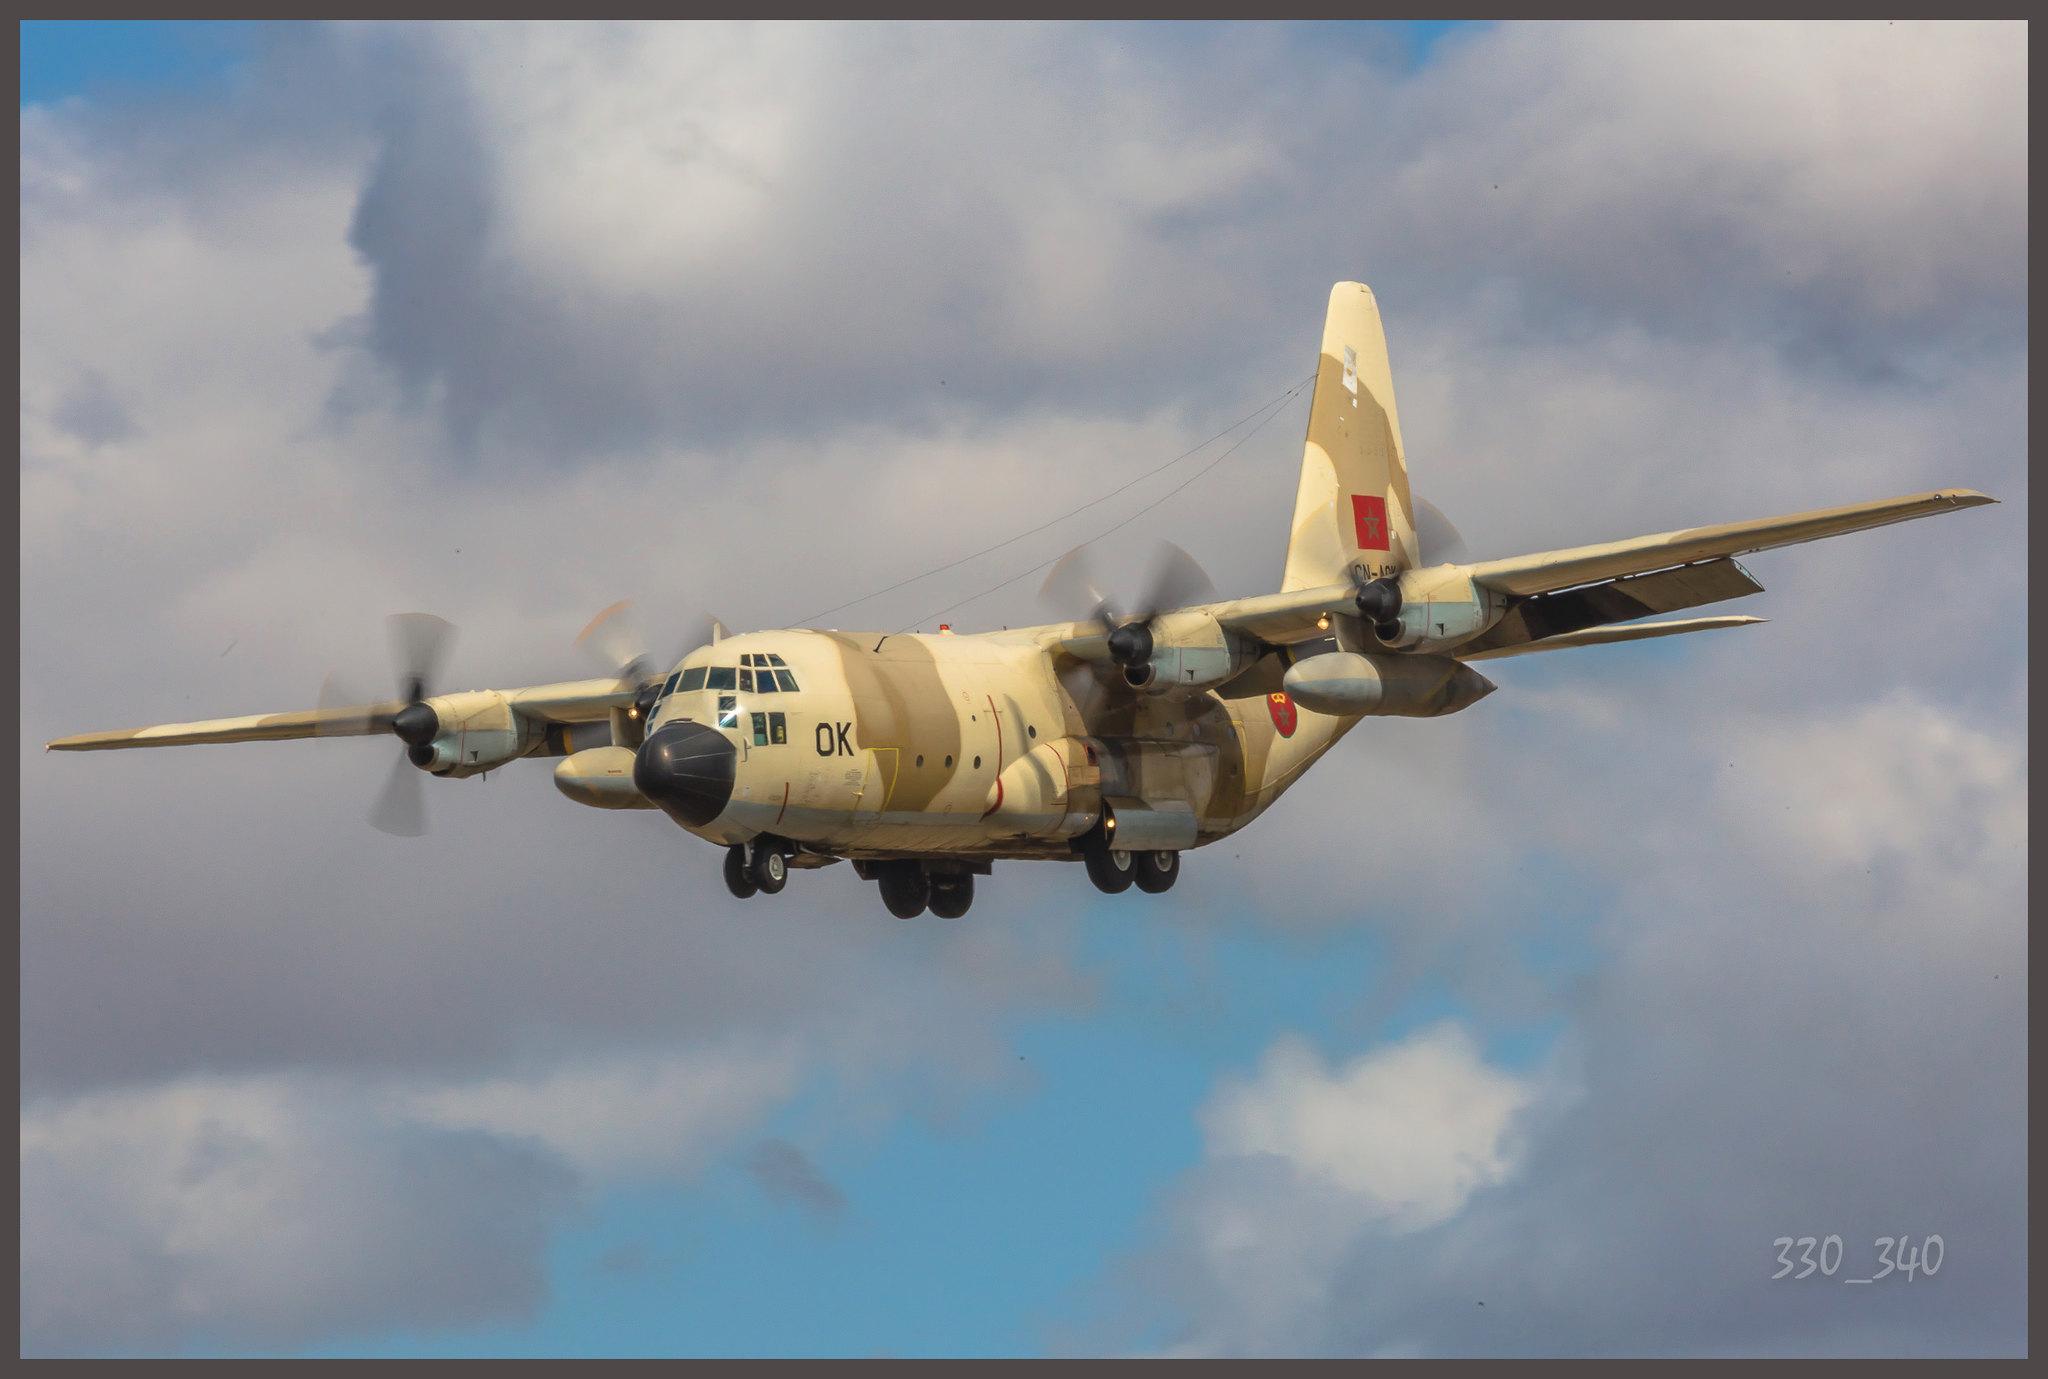 FRA: Photos d'avions de transport - Page 41 50294192632_78369c6199_k